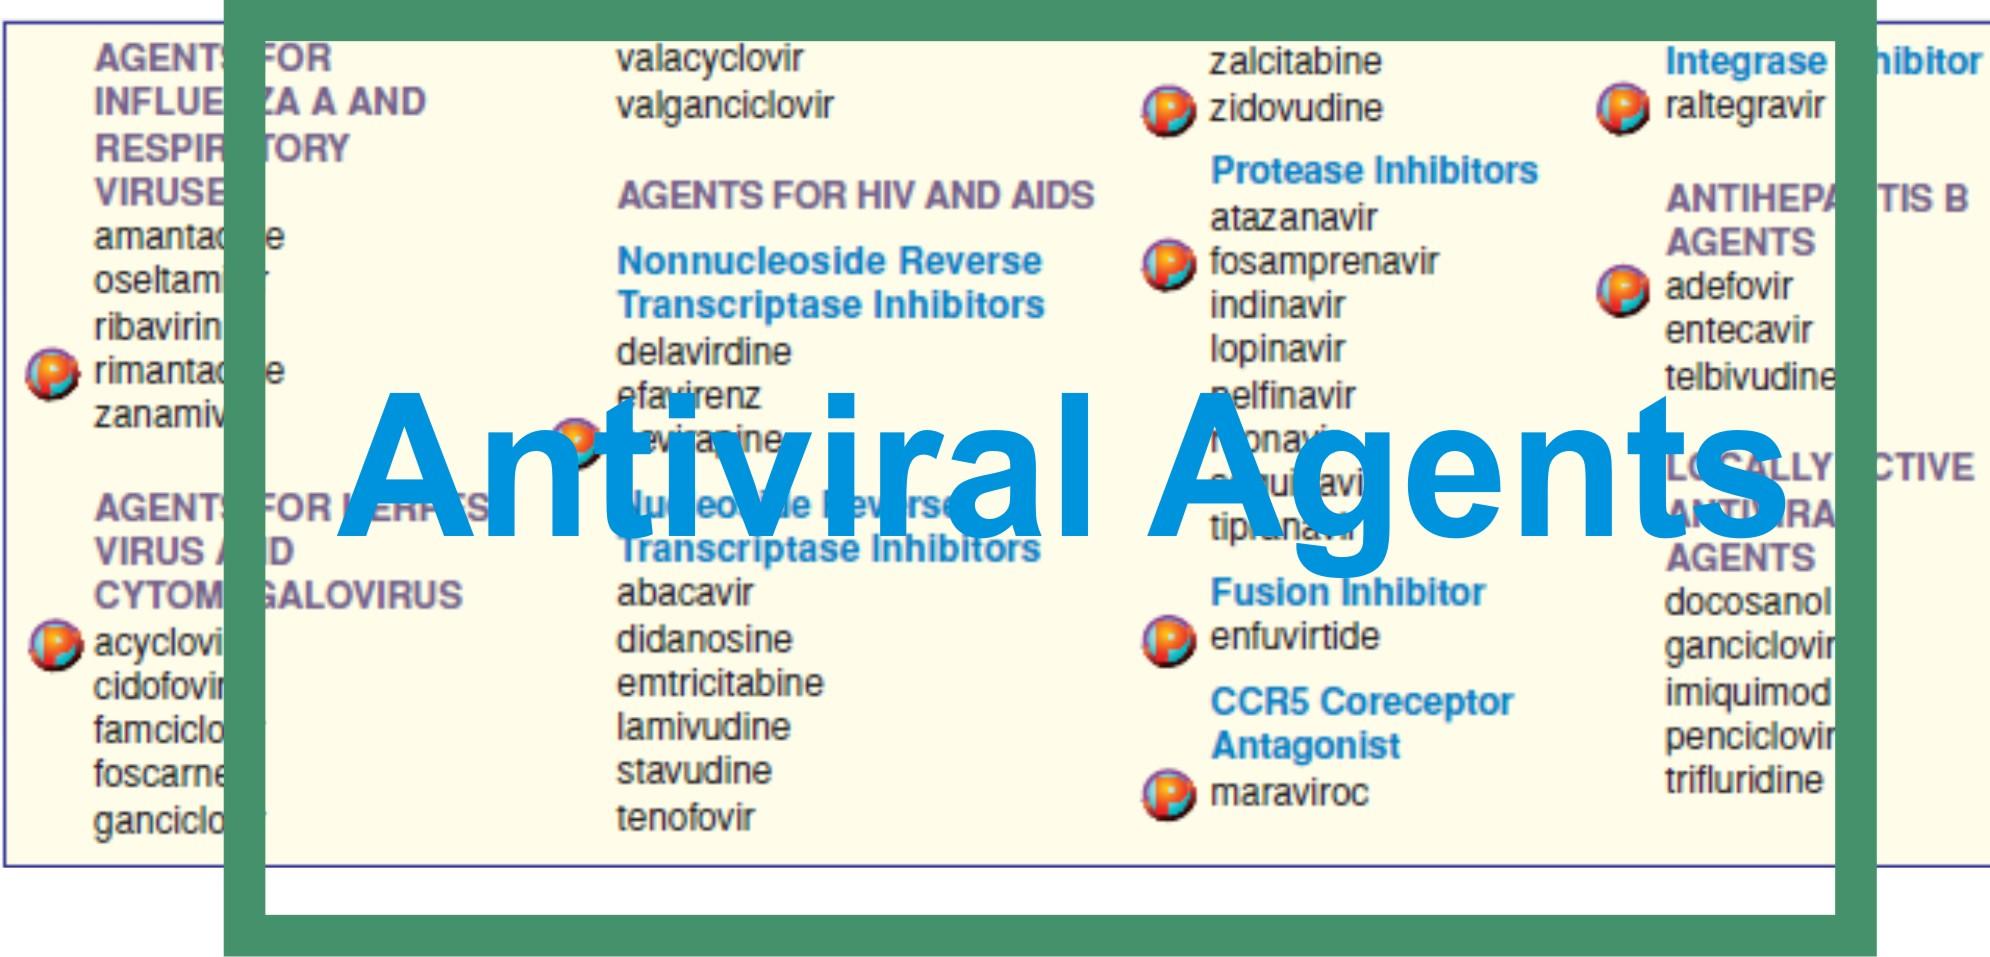 Ivermectin for fever